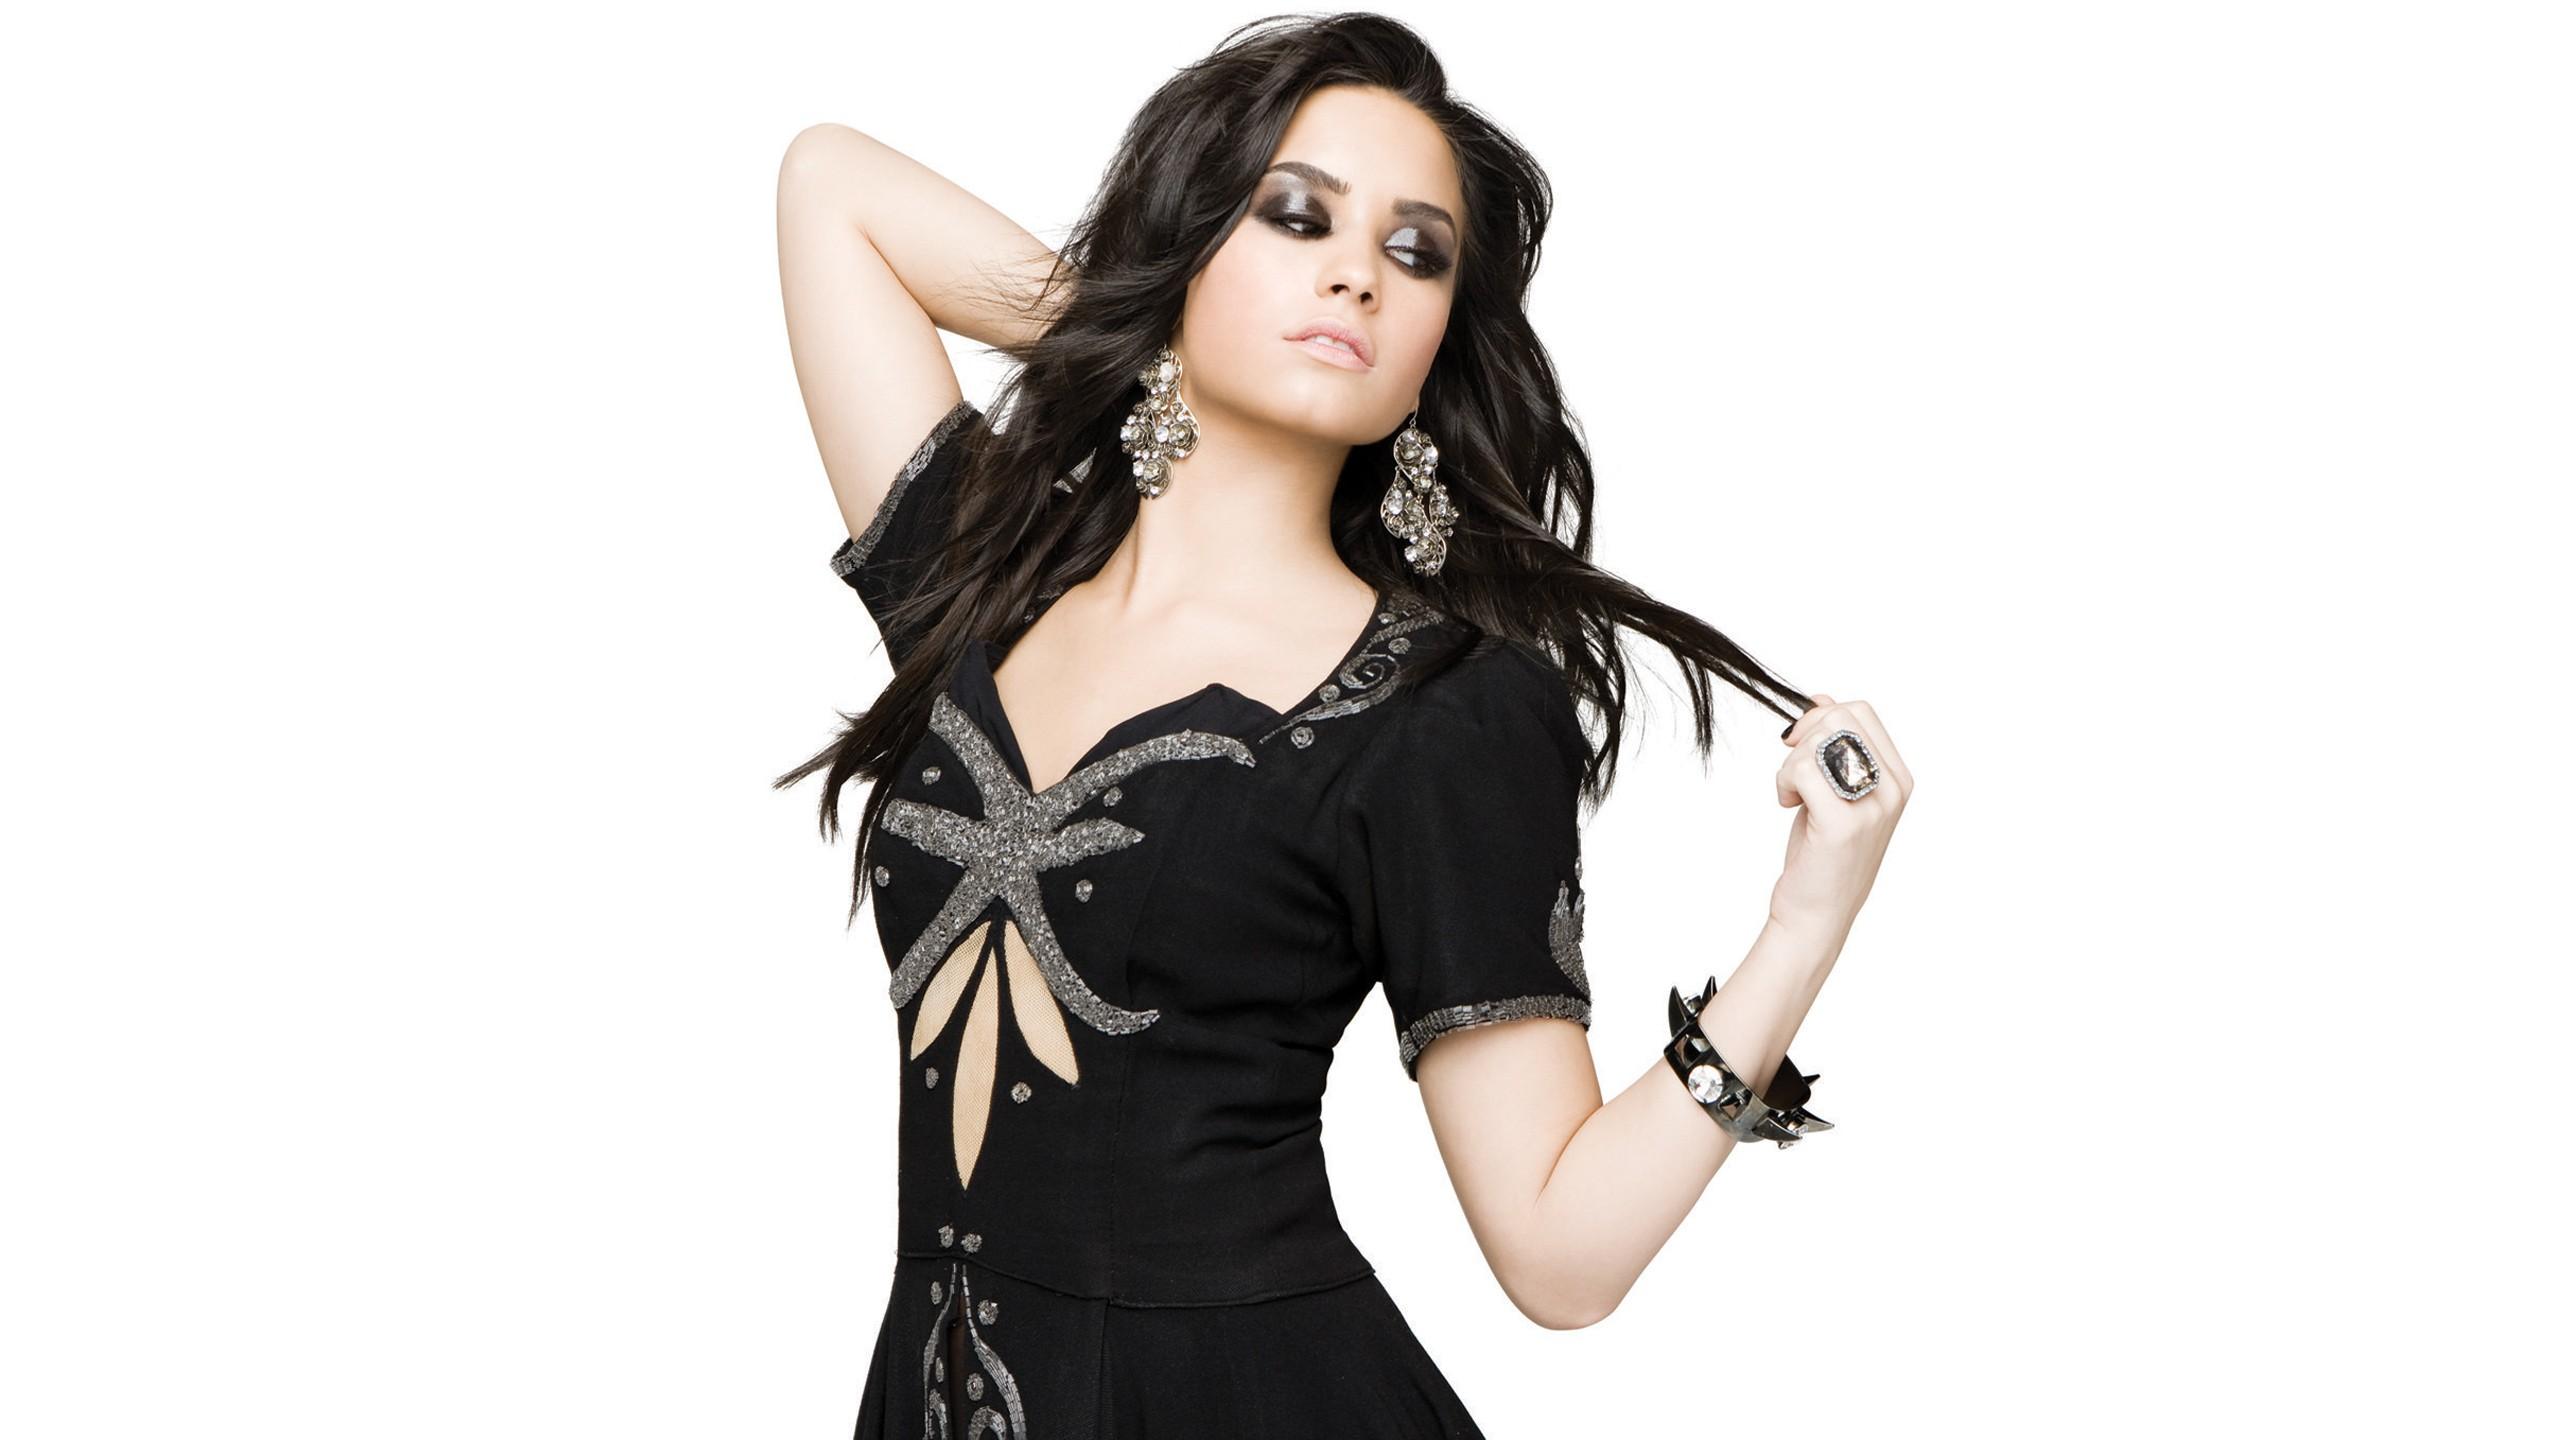 Rock Girl Wallpaper Demi Lovato Wallpapers Hd Wallpapers Id 988